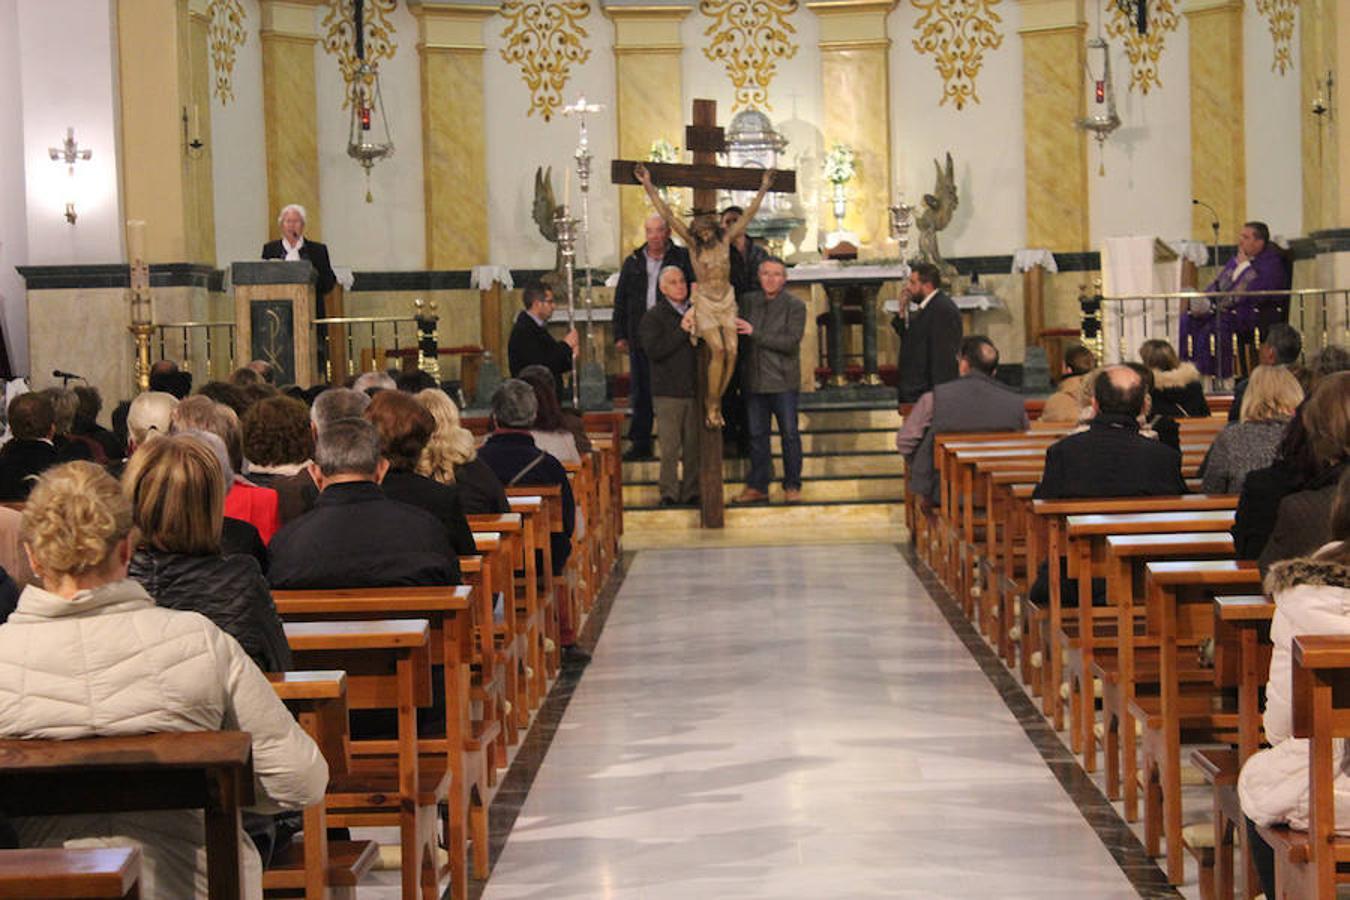 El Viacrucis del silencio con la imagen del Santístimo Cristo de la Misericordia sale a la calle el Miércoles Santo en El Ejido